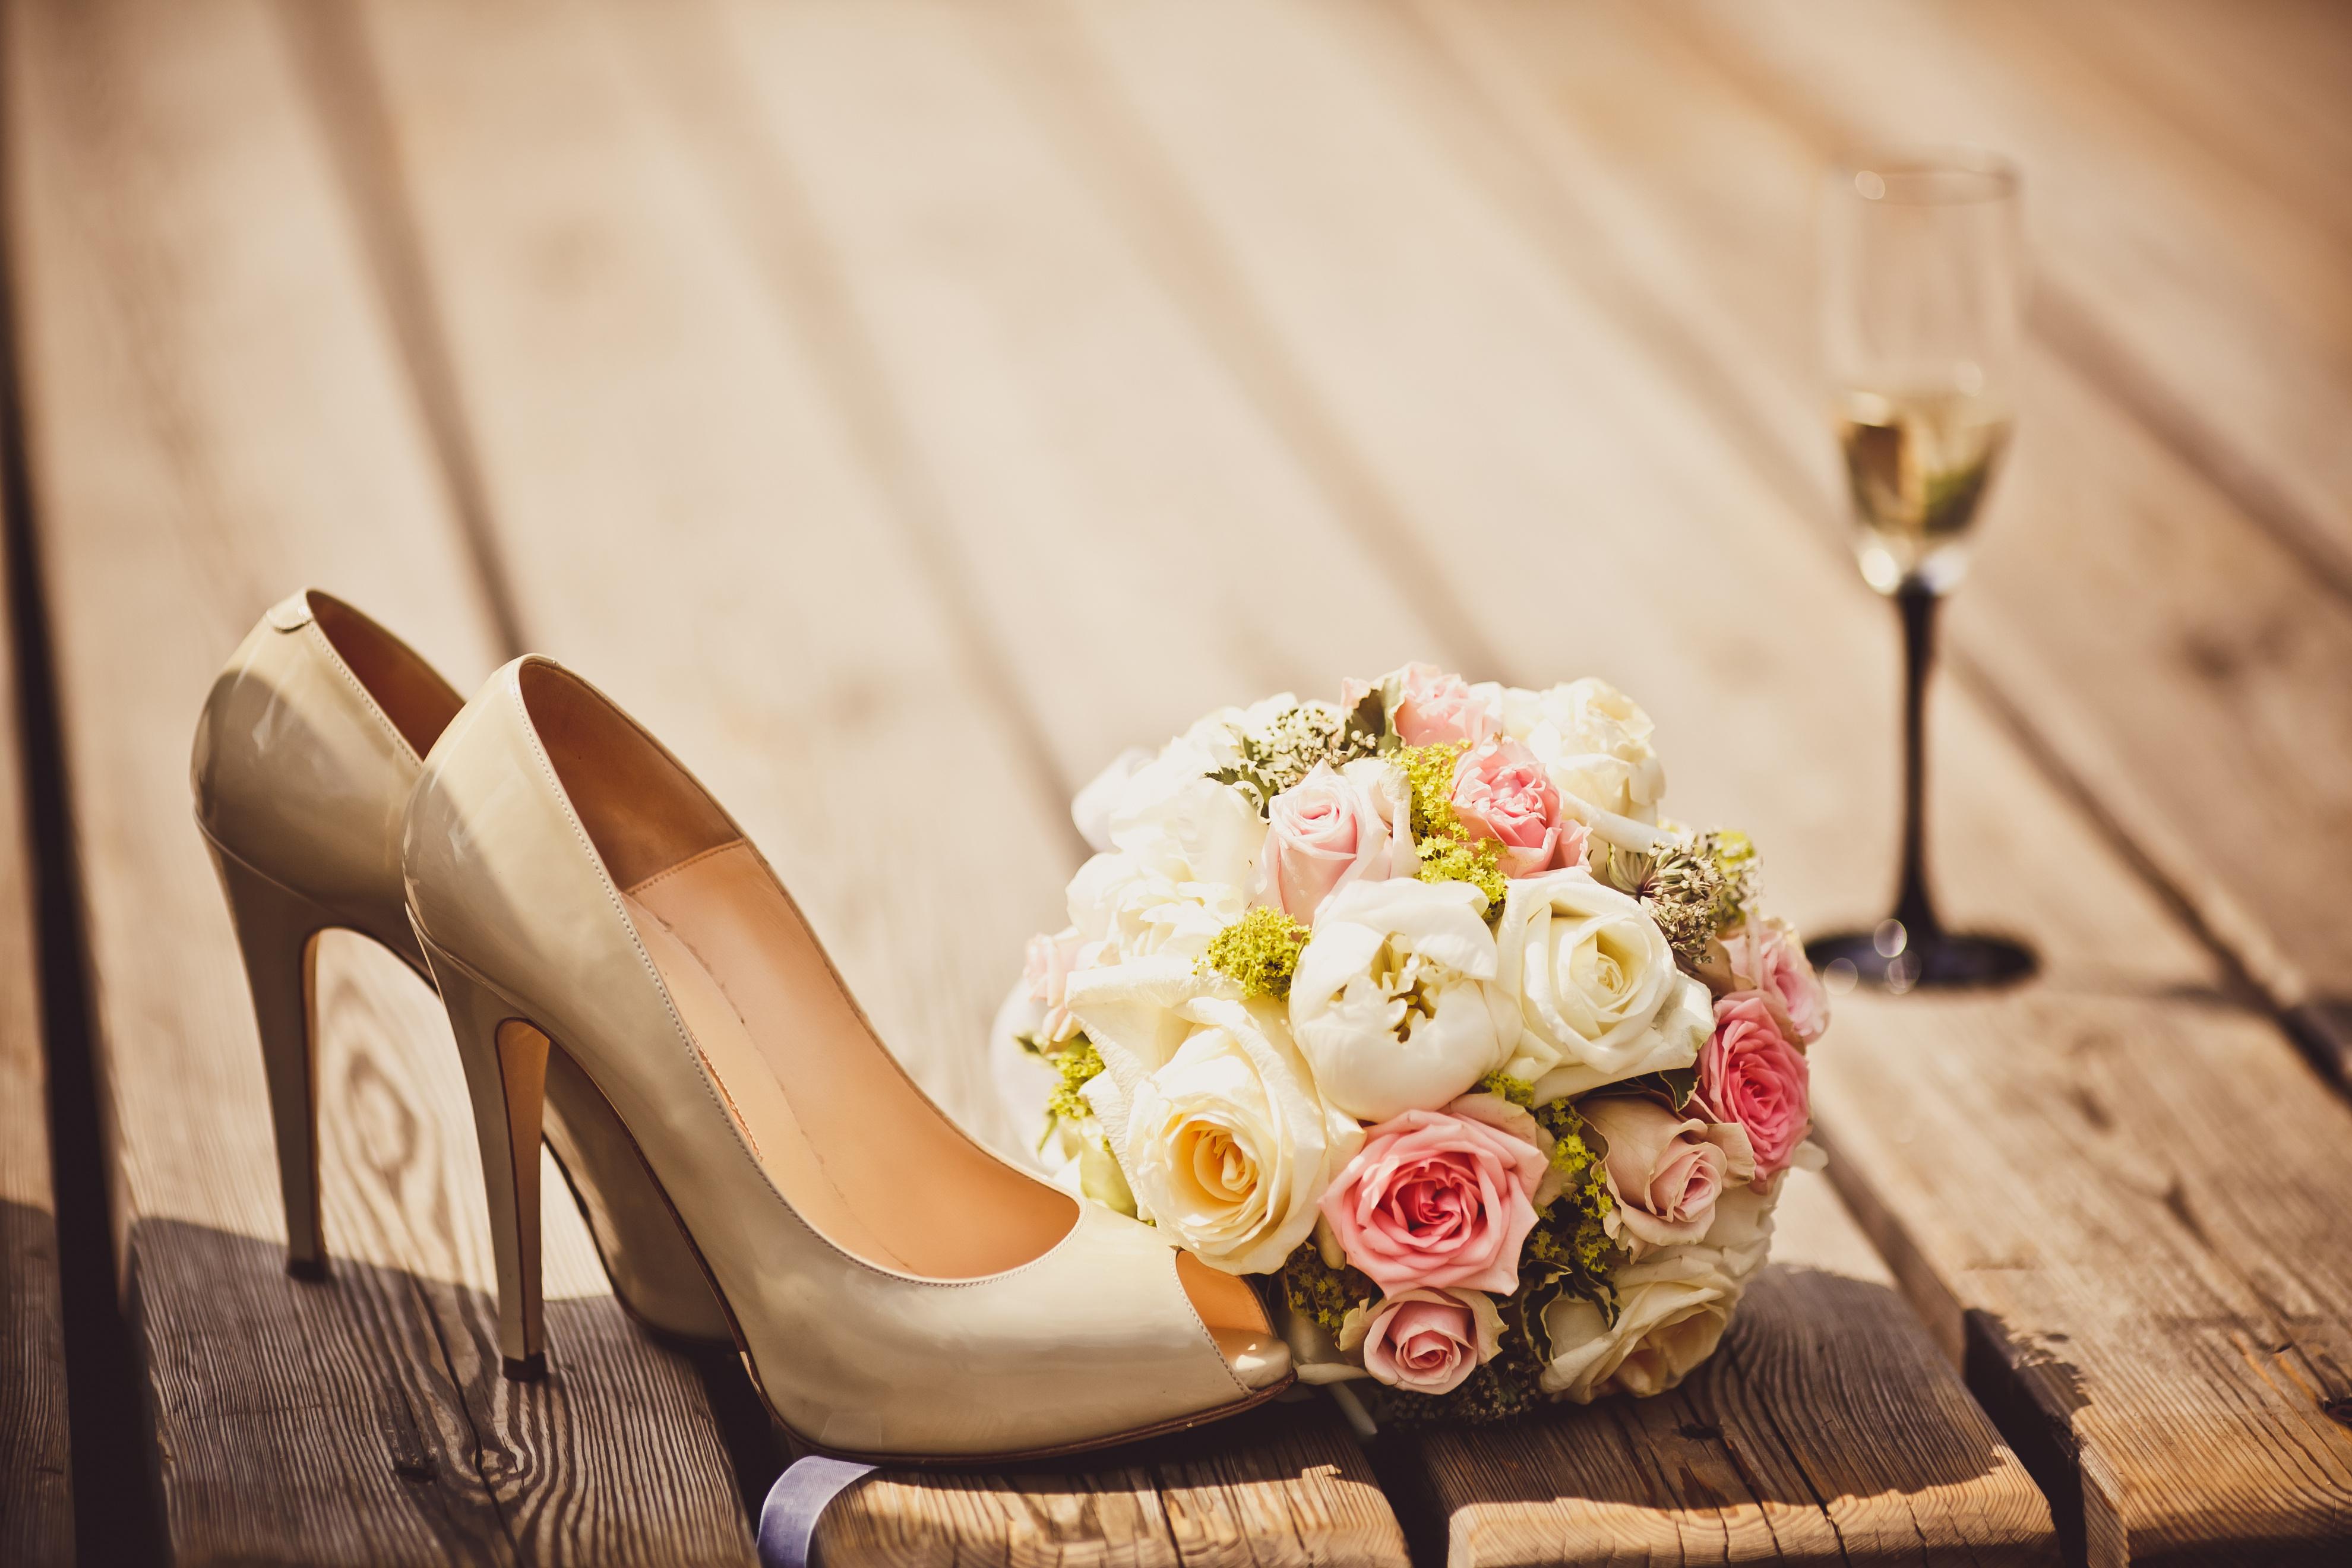 Туфли и розы  № 3398377  скачать